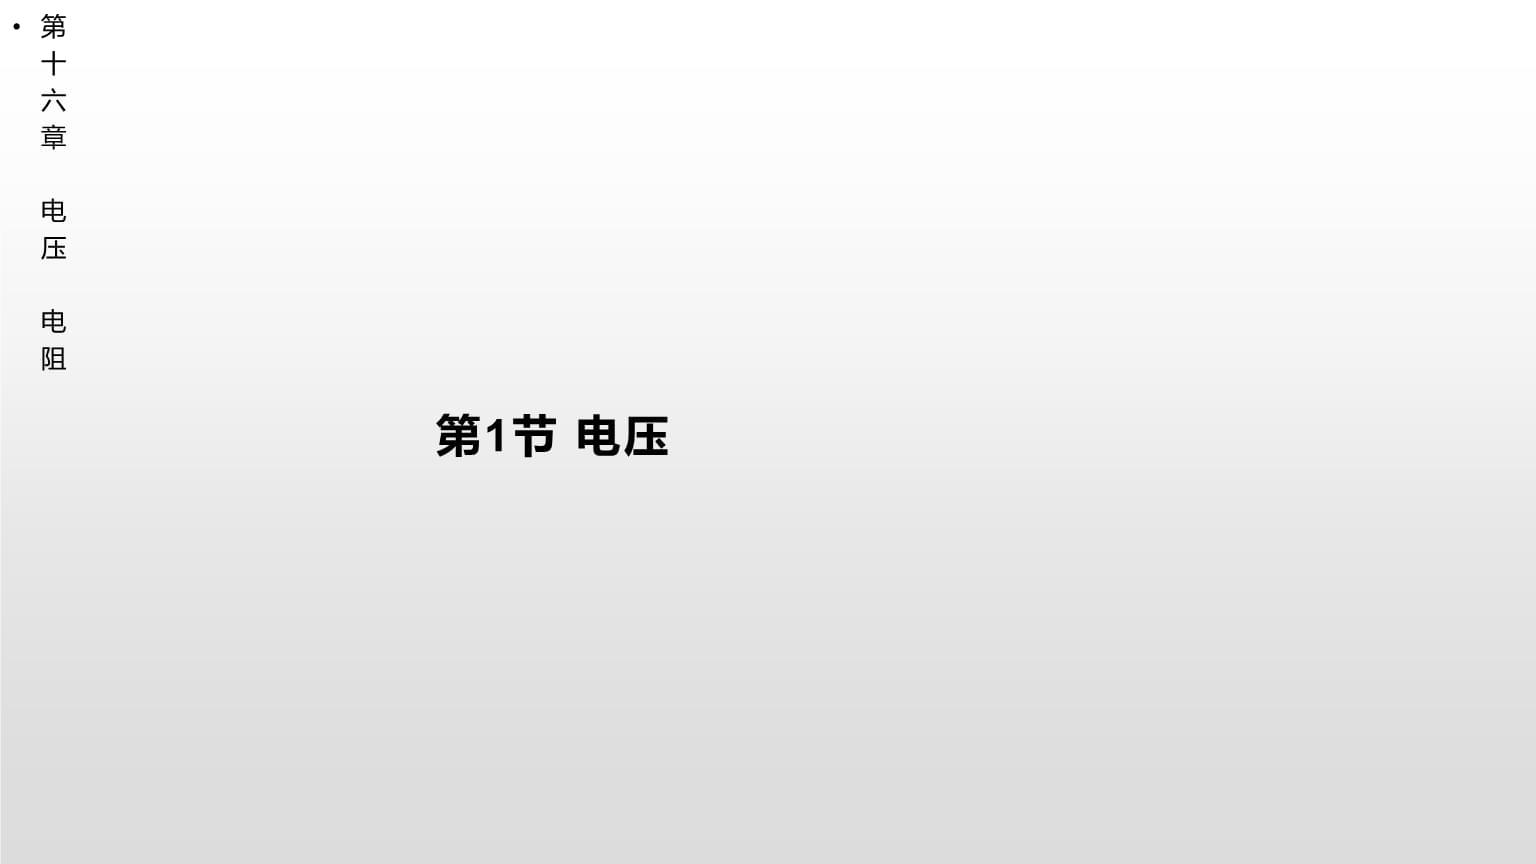 人教版九年级全册物理第十六章第1节电压 (3).pptx